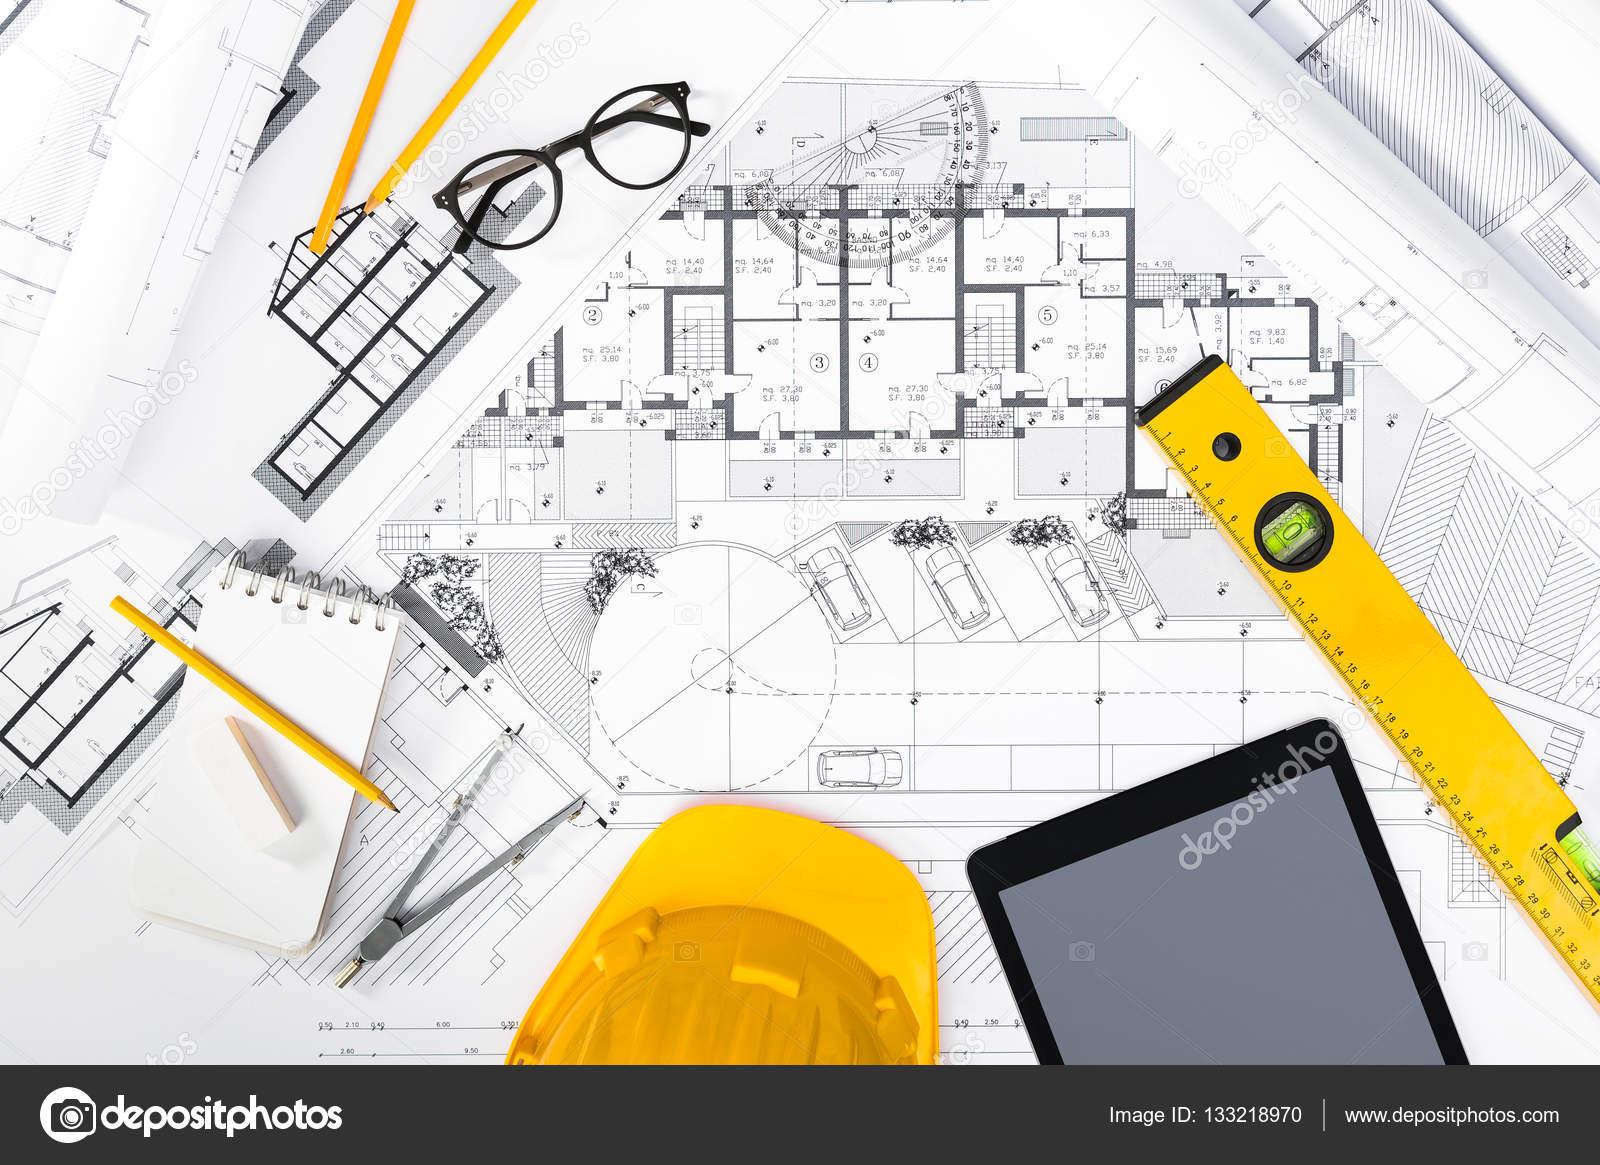 Planos de construcci n con tableta dibujo y herramientas for Planos de construccion